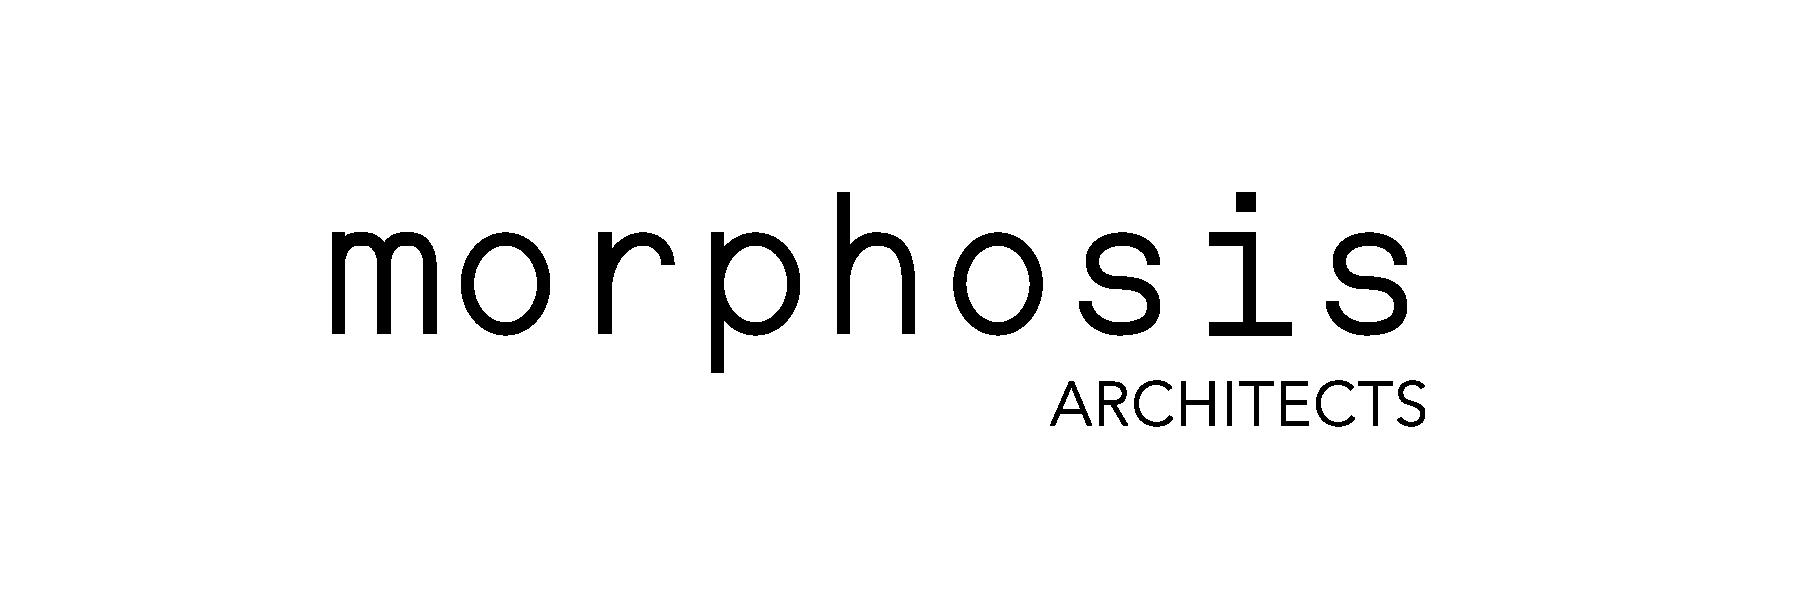 Morphosis-01.png